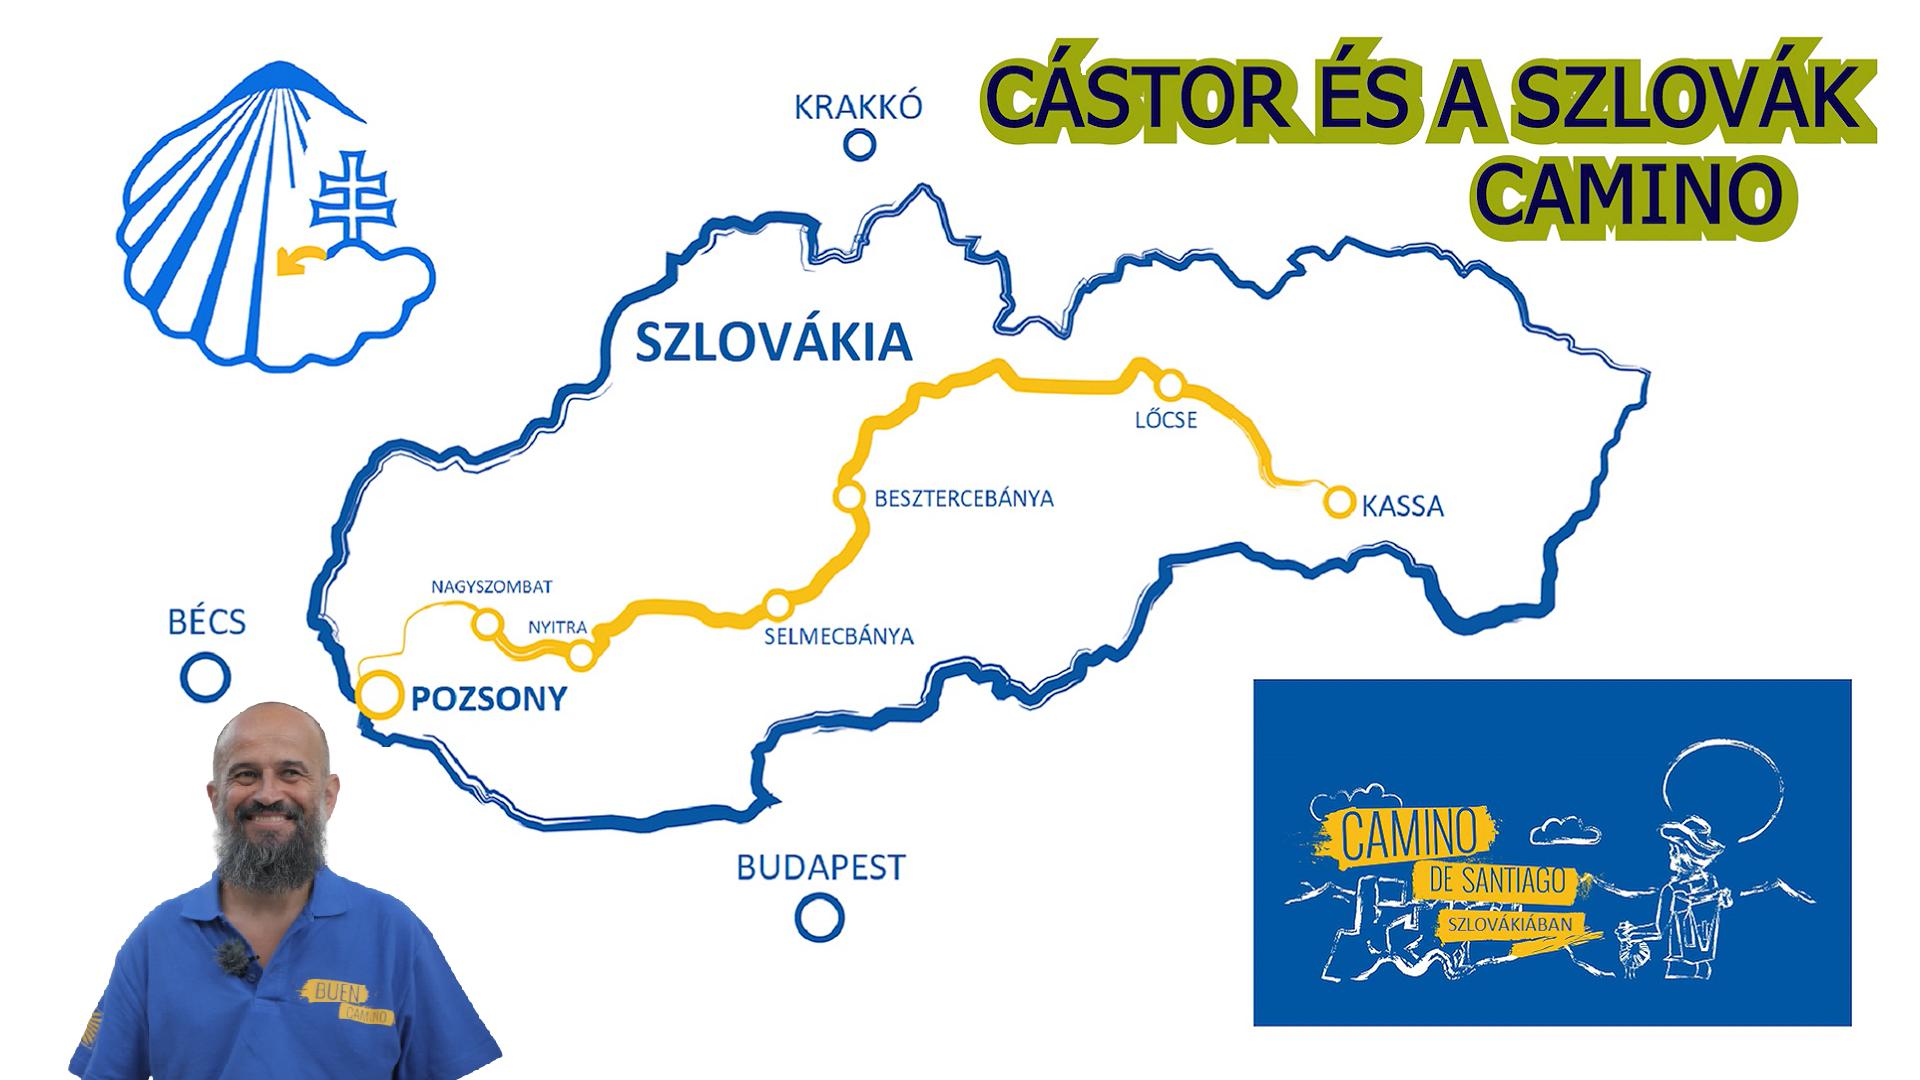 castor_es_a_szlovak_camino_utvonal_yt_cover_3.png